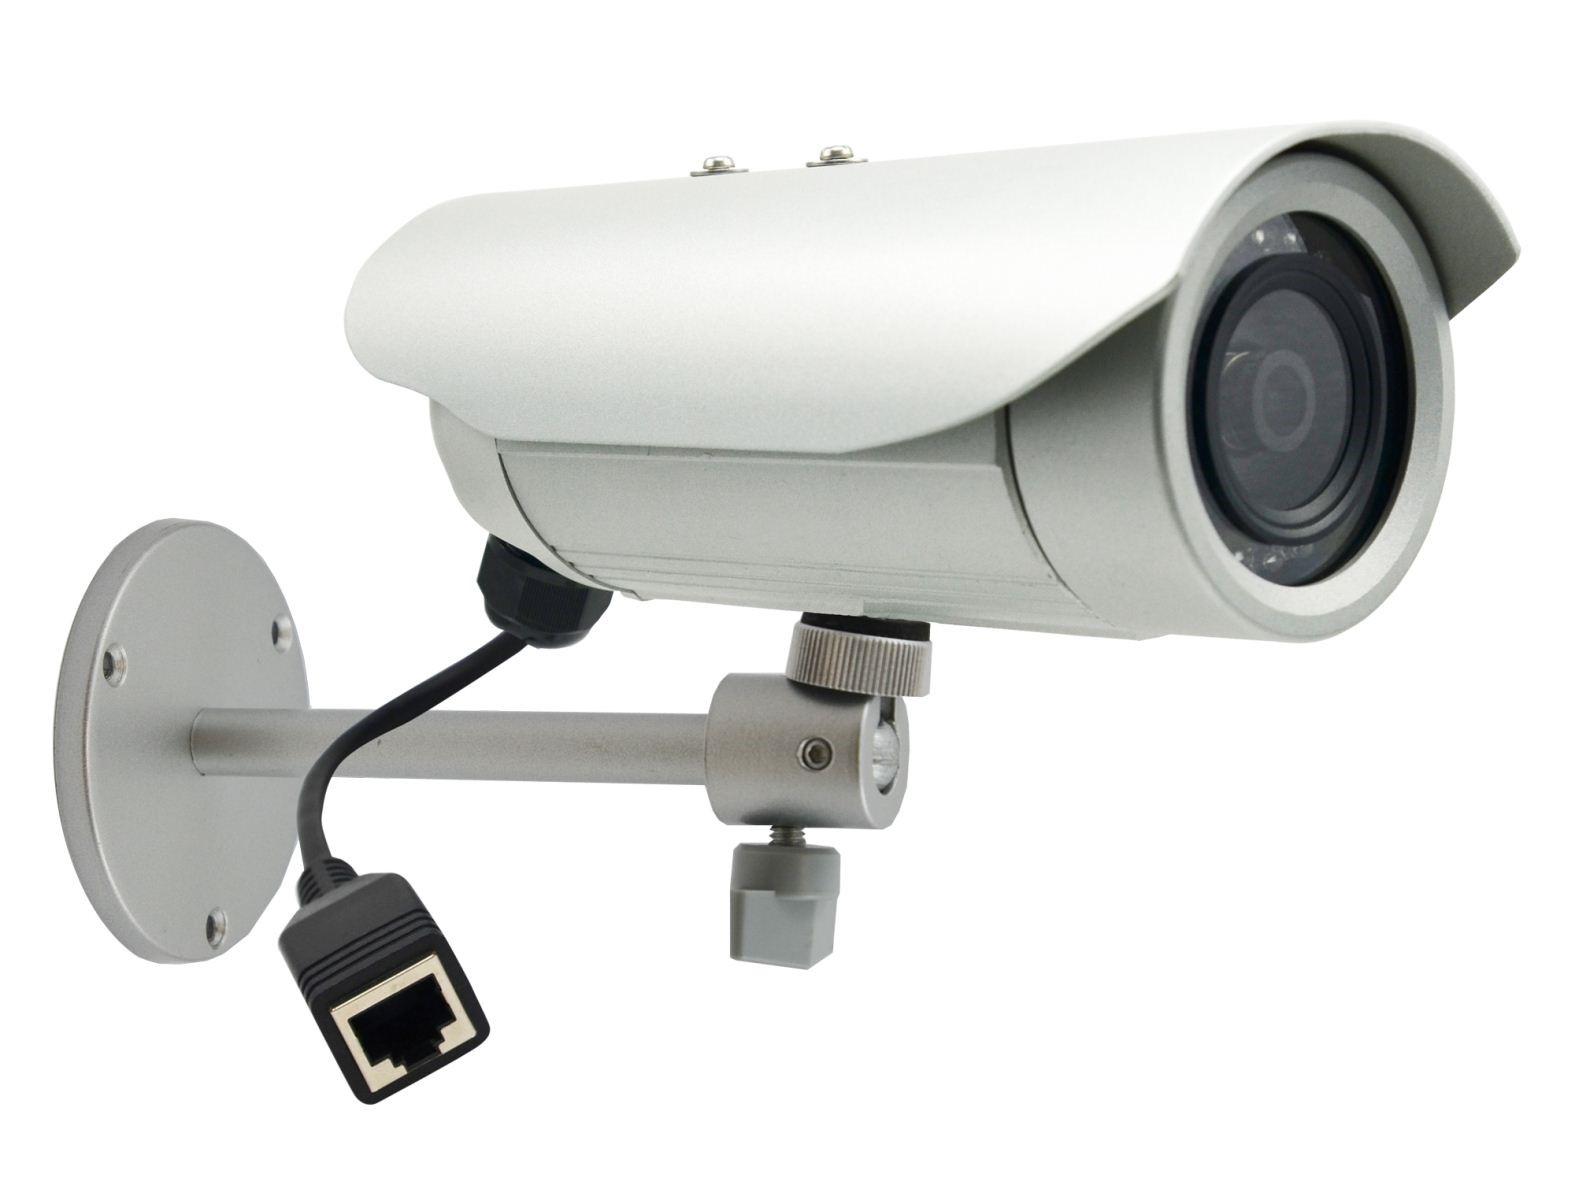 Kinh nghiệm lựa chọn Camera an ninh cho gia đình